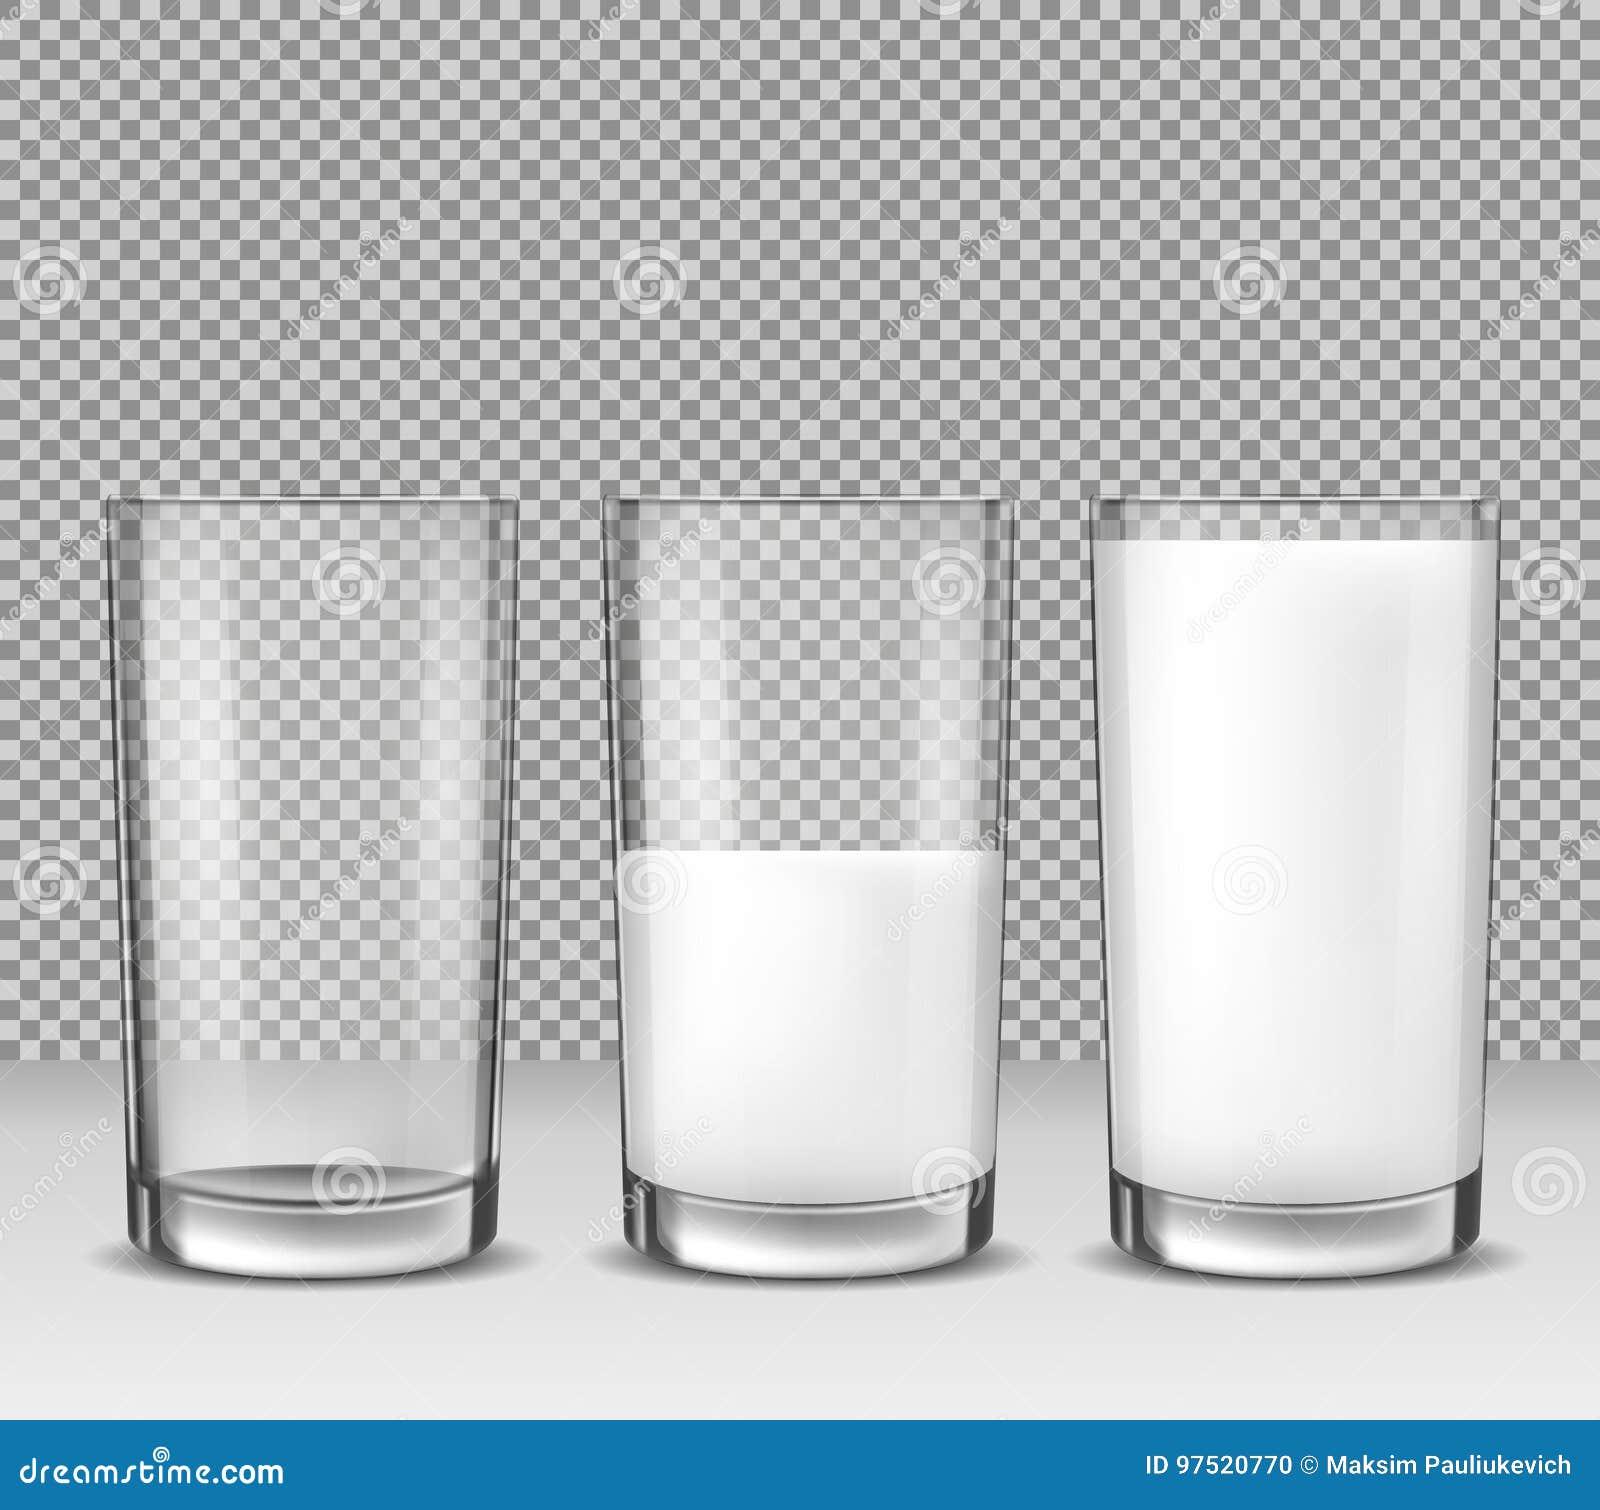 Satz realistische Illustrationen des Vektors, Ikonen, Glasgläser leeren sich, halb voll und voll von der Milch, Milchprodukt